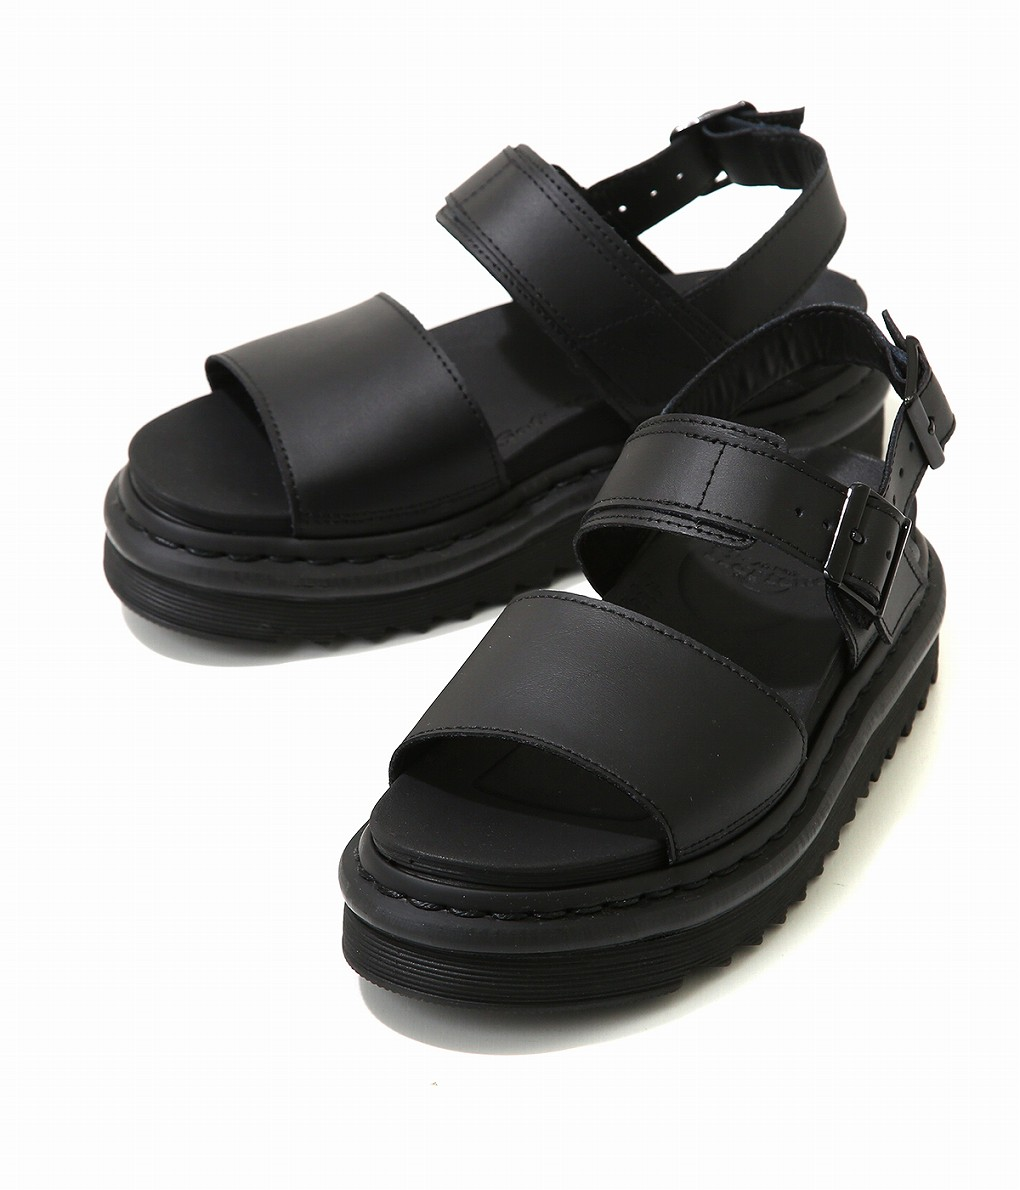 Dr.Martens / ドクターマーチン : VOSS HYDRO : ボス ハイドロ シューズ ドクターマーチン 靴 サンダル : 23802001 【ANN】